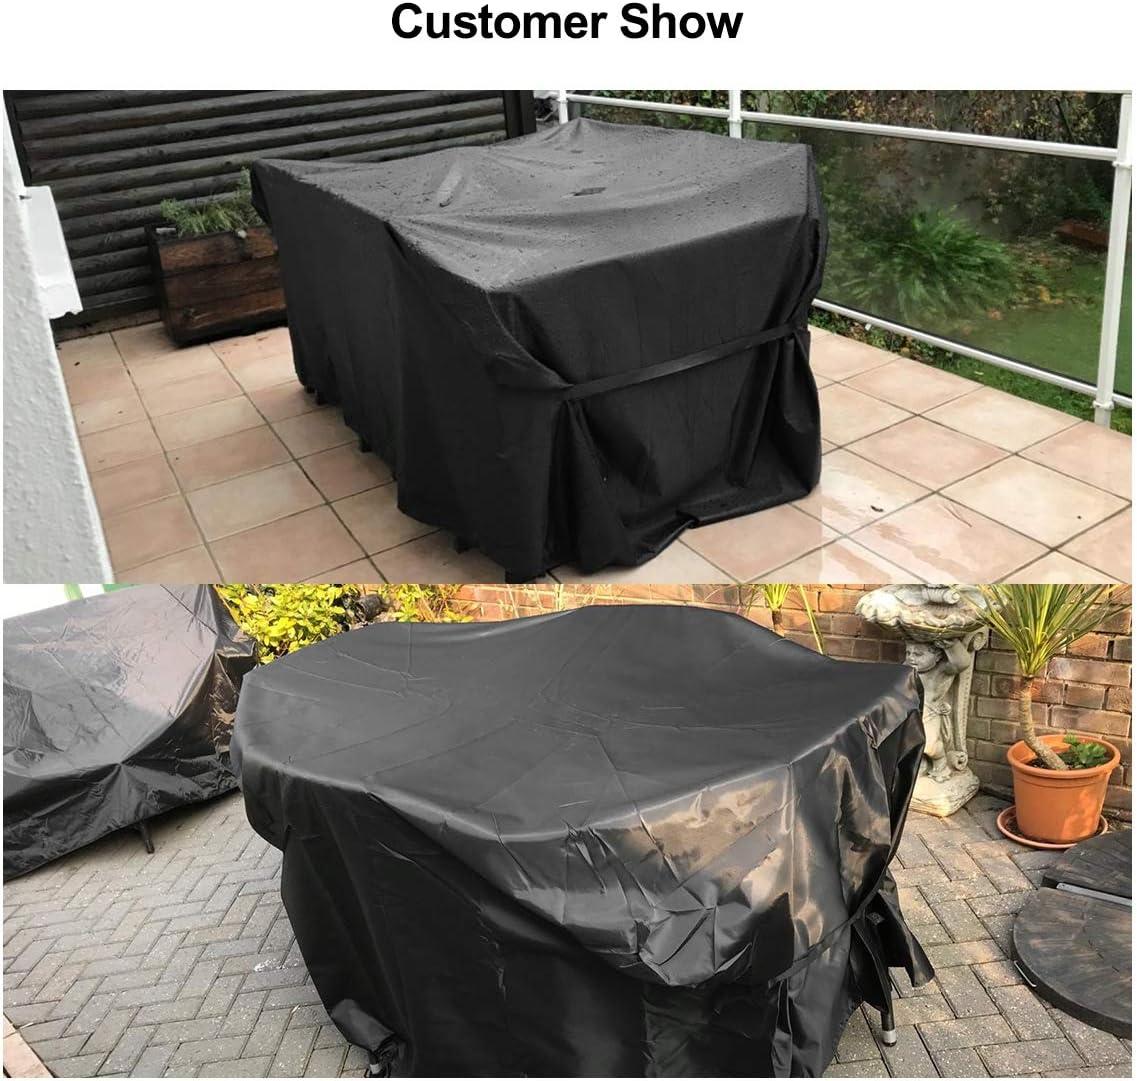 170x94x70 cm FlyLemon Copertura Tavolo Giardino,Protezioni del Patio Anti-UV Impermeabili in Tessuto 600D Oxford con Dieci Dimensioni.